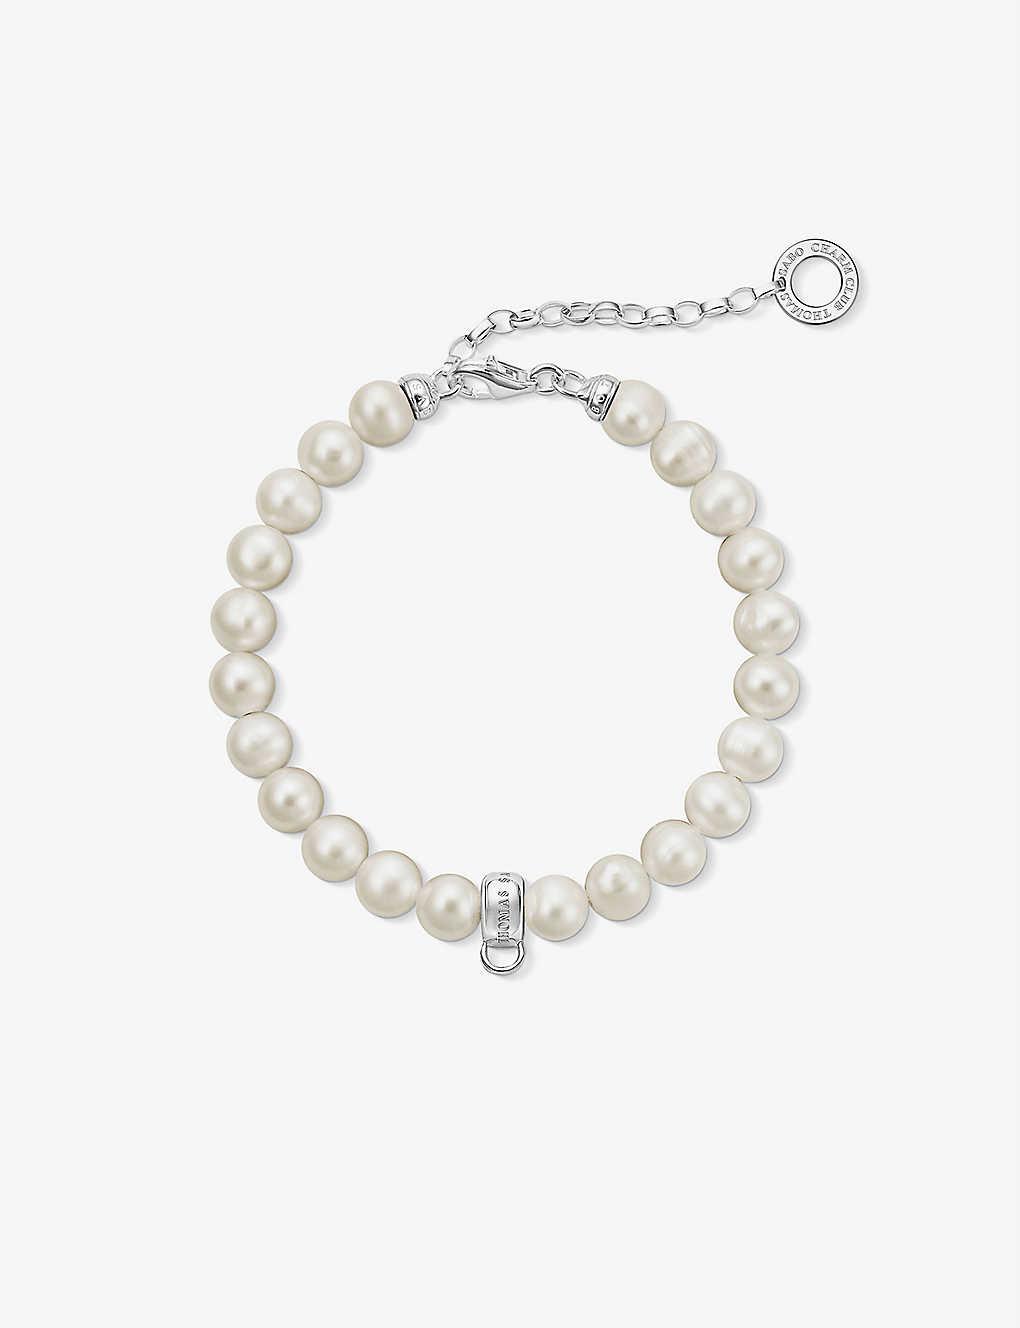 Thomas Sabo Charm Club Pearl Charm Bracelet